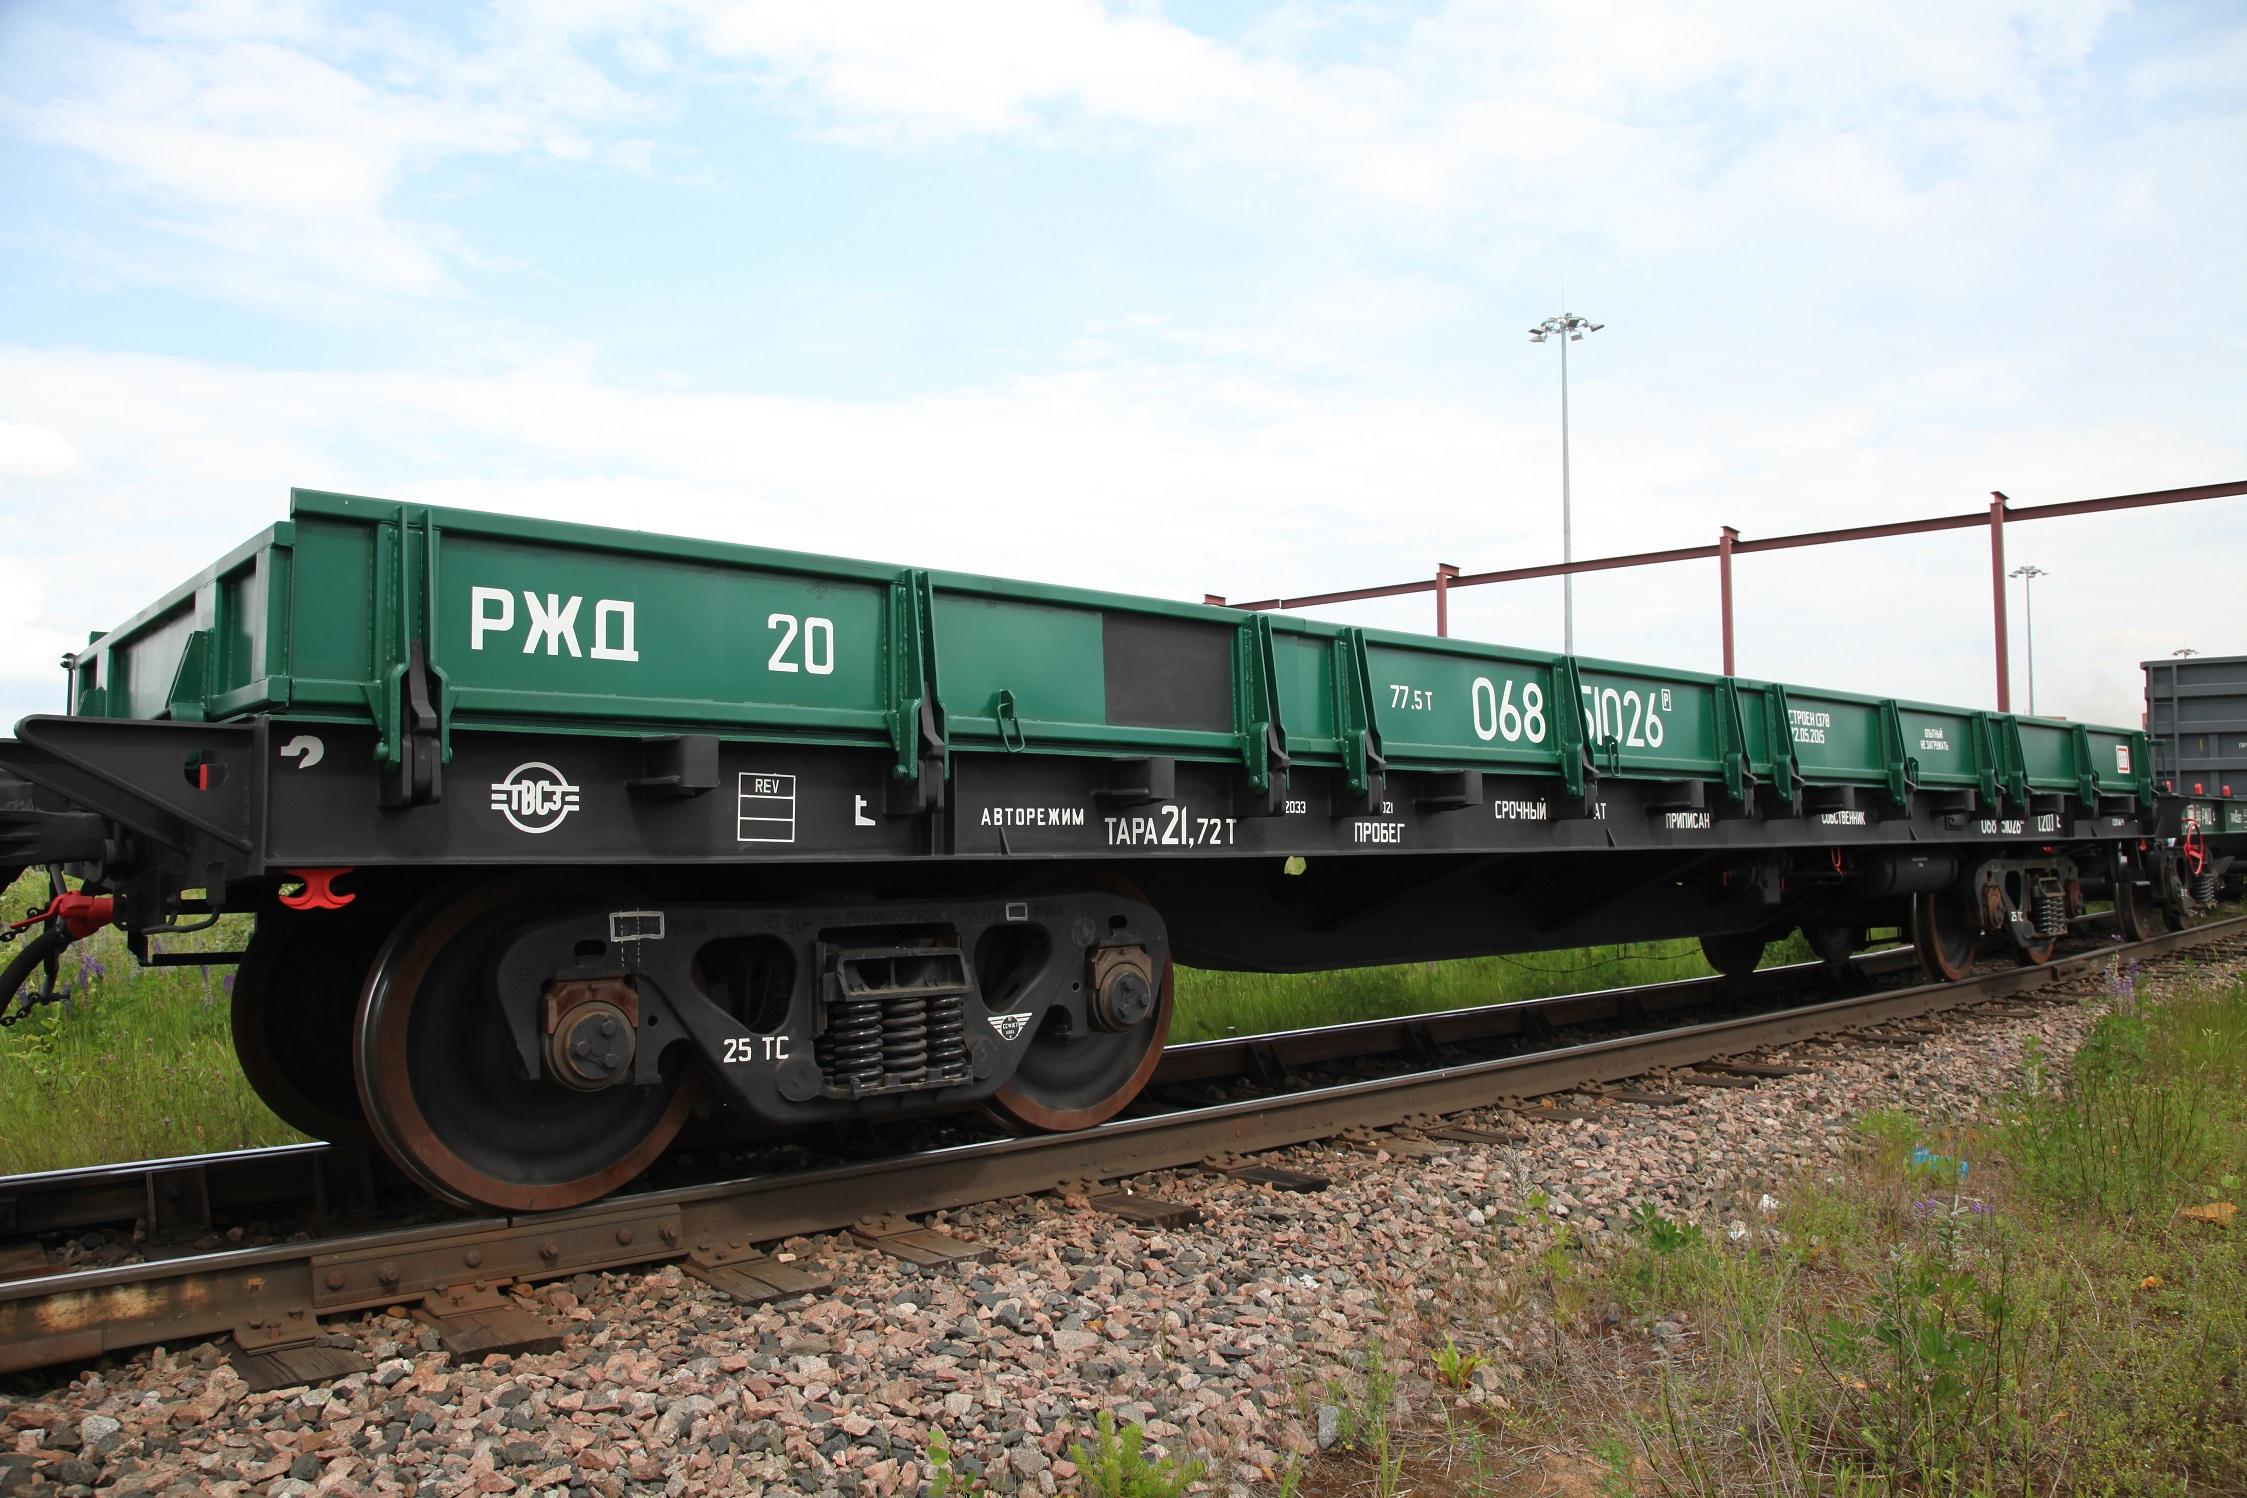 Житель Тверской области начал разбирать железнодорожную платформу, но попался